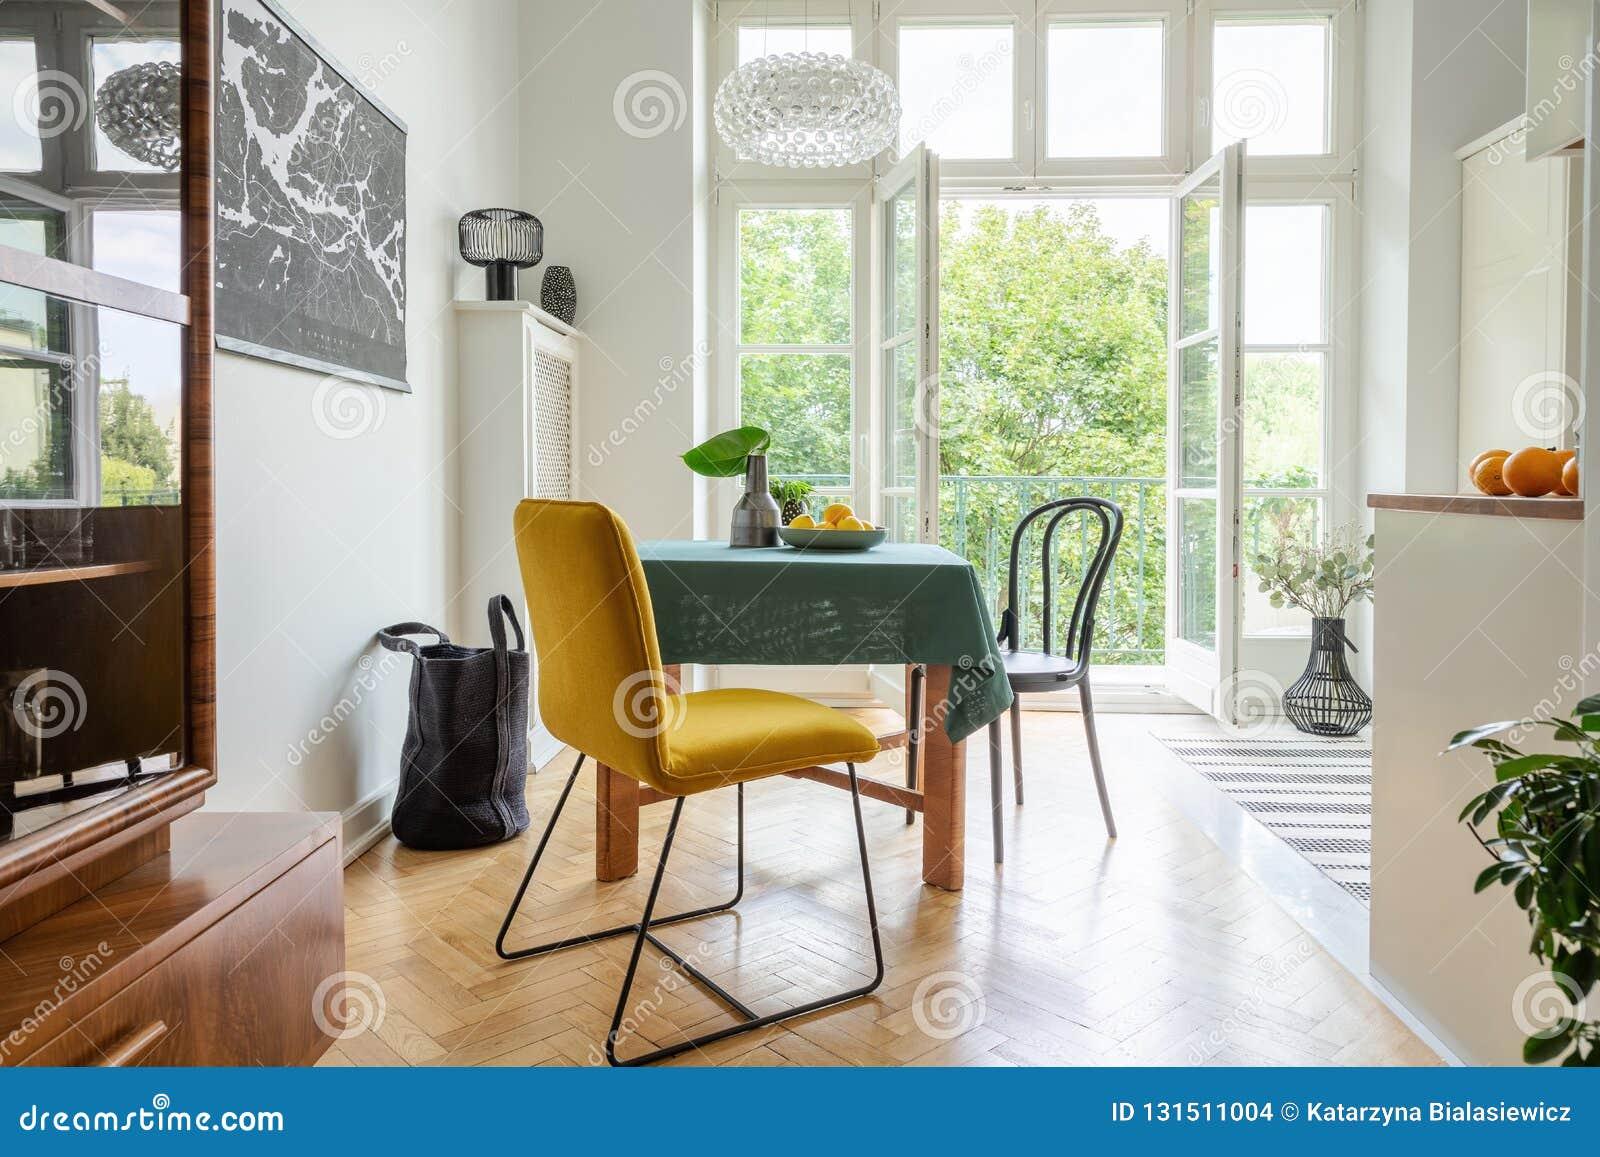 Idee Elegante De Decor D Appartement Cuisine Eclectique Avec Le